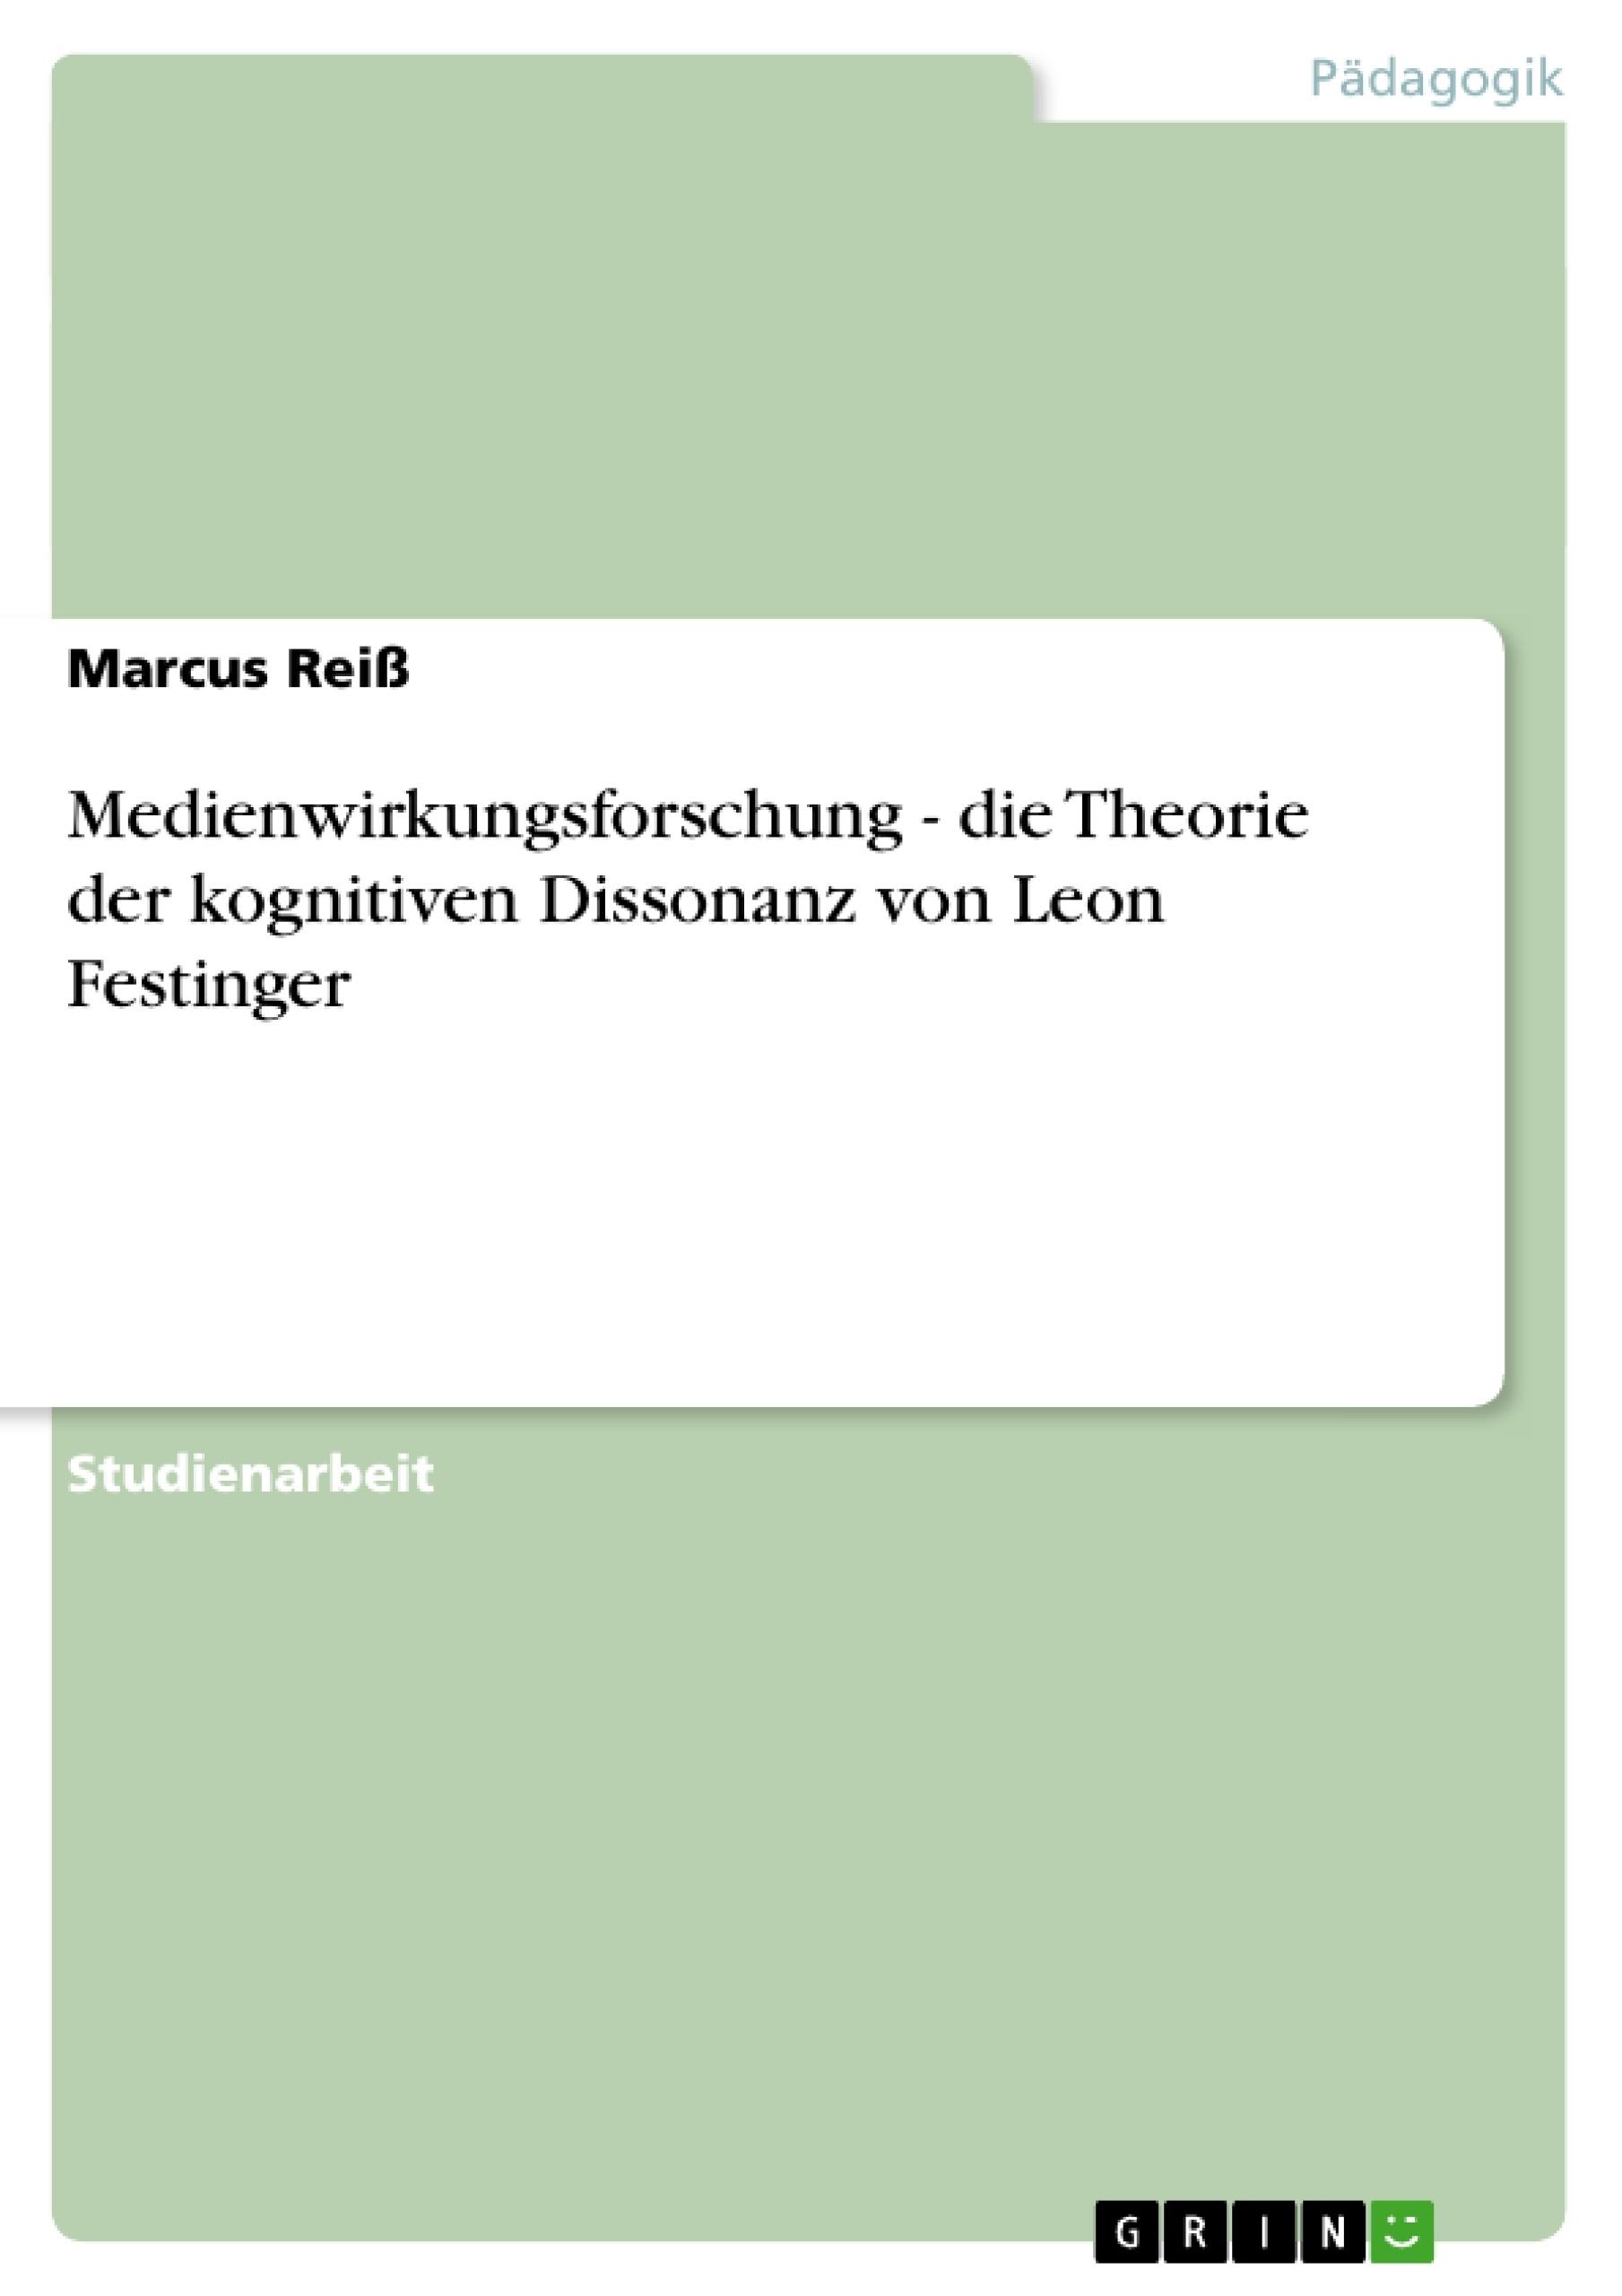 Titel: Medienwirkungsforschung - die Theorie der kognitiven Dissonanz von Leon Festinger